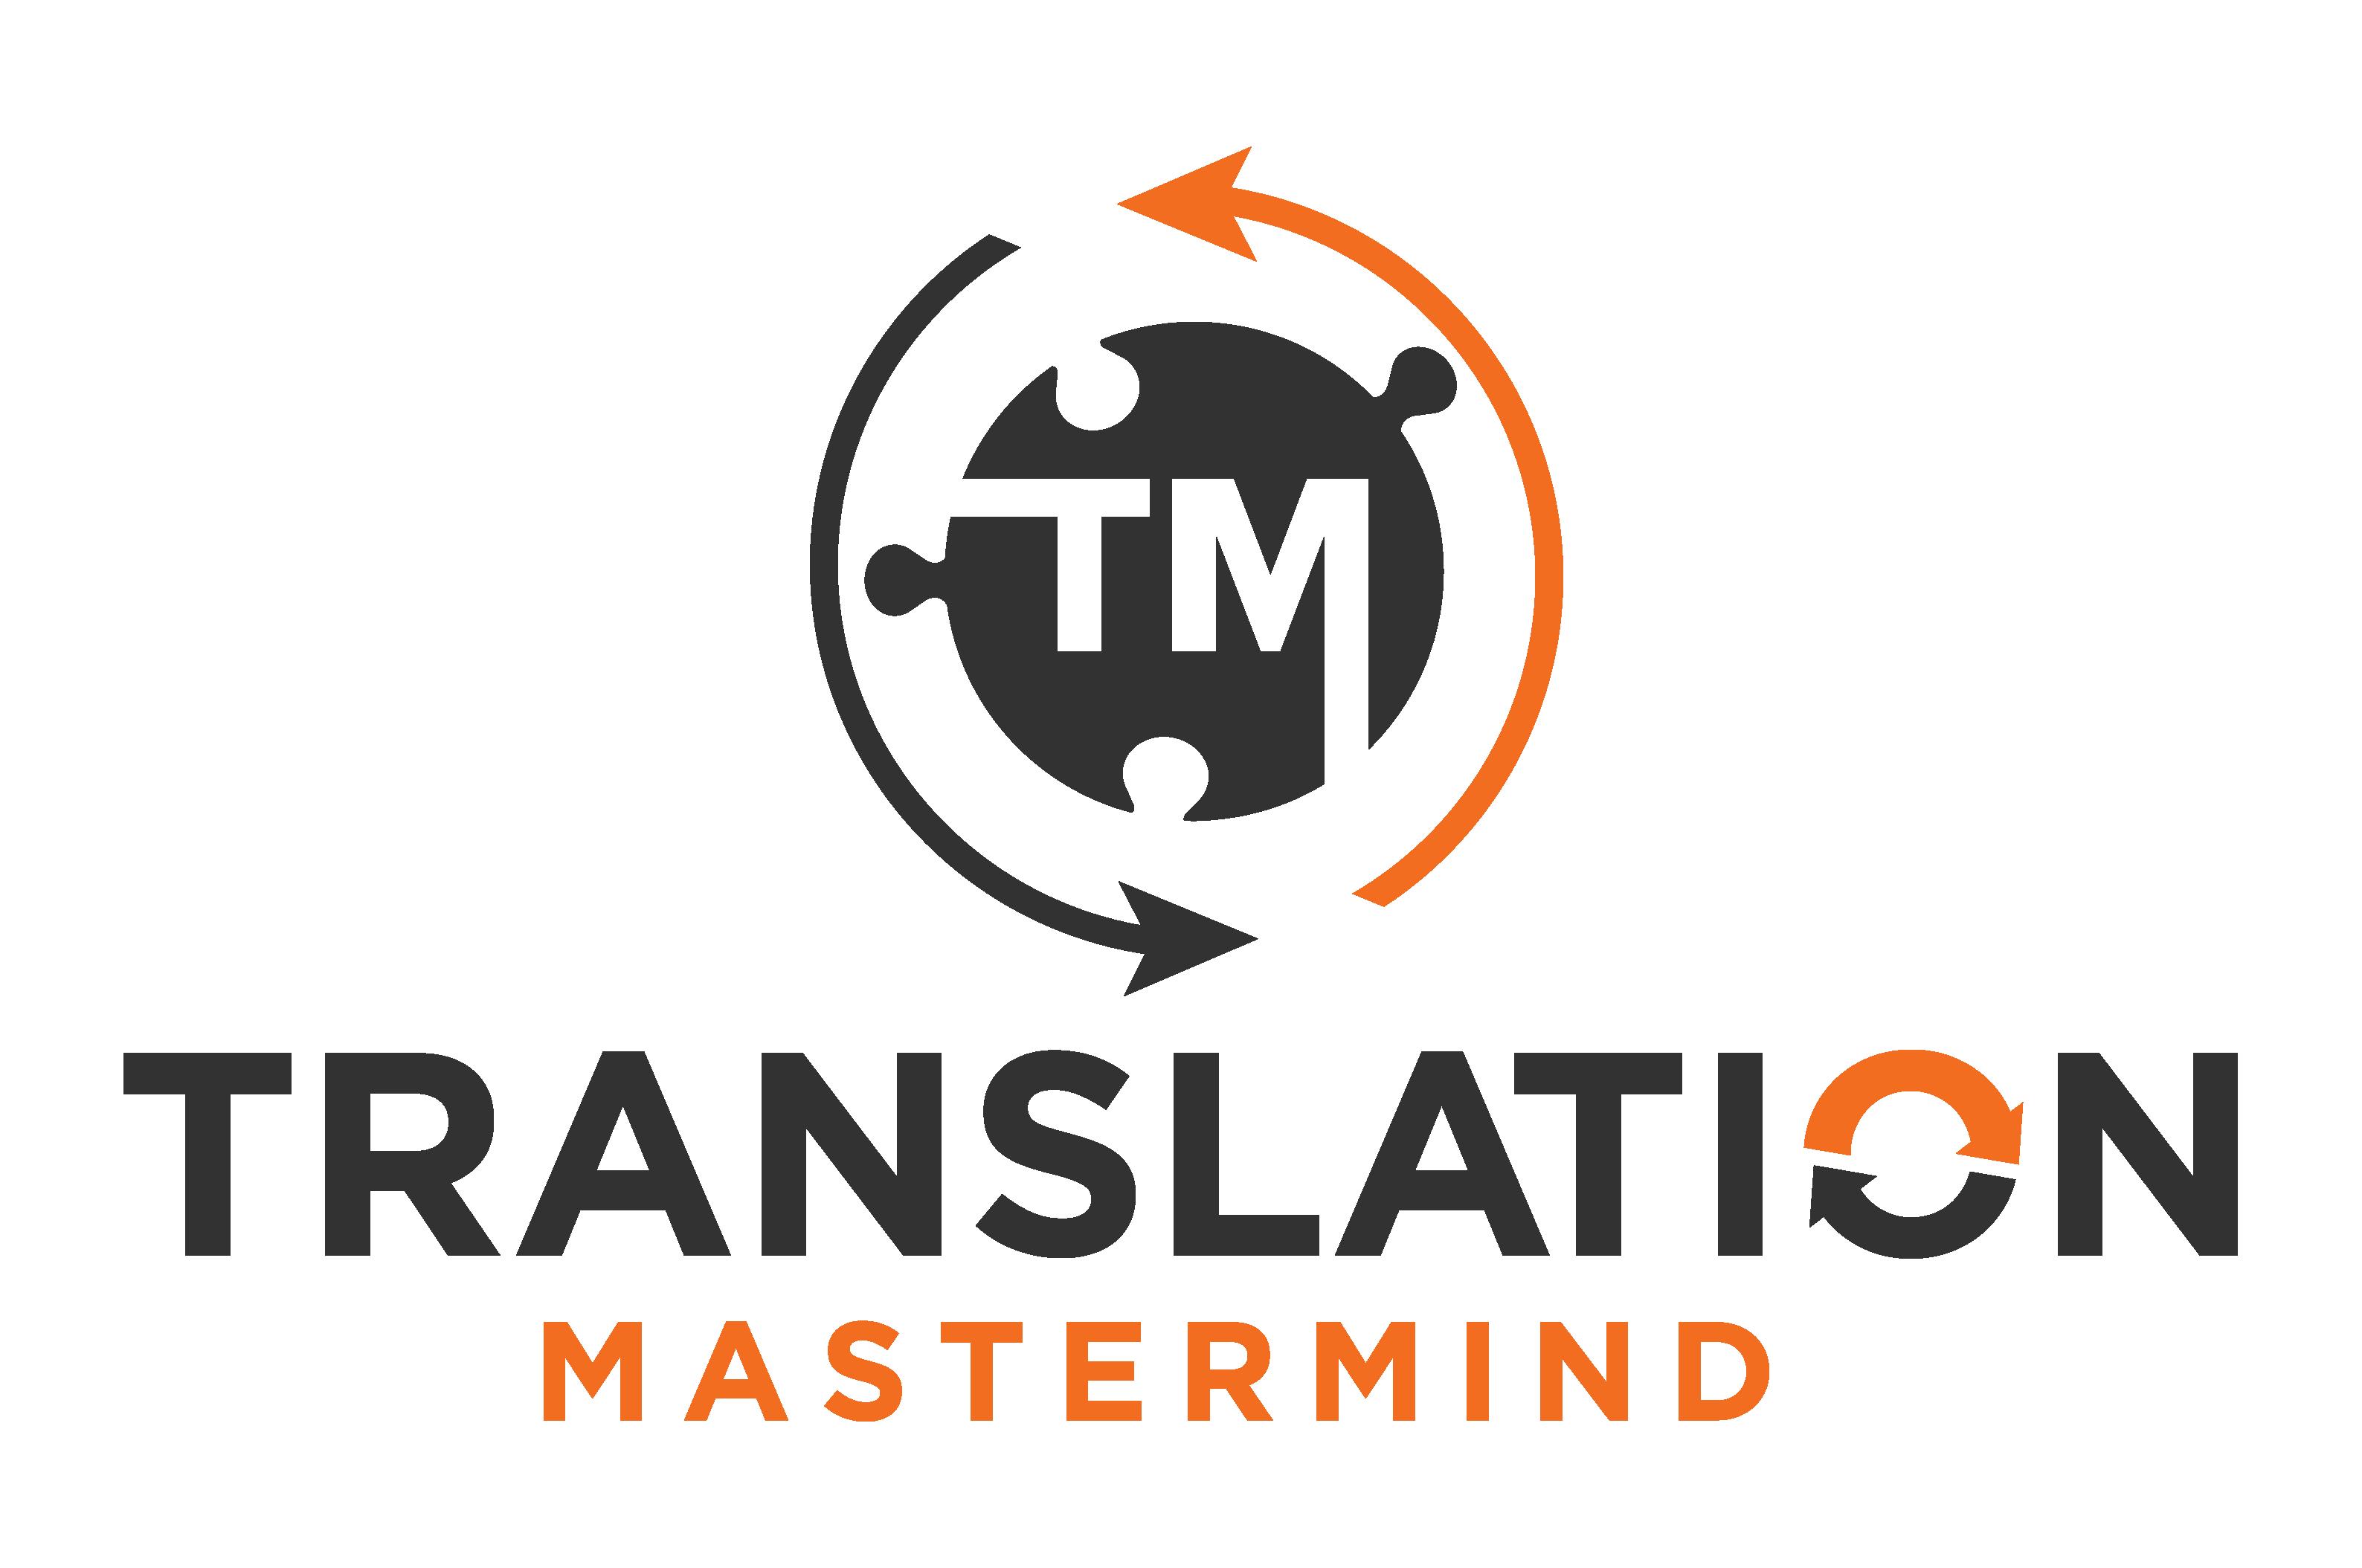 Translation Mastermind logo